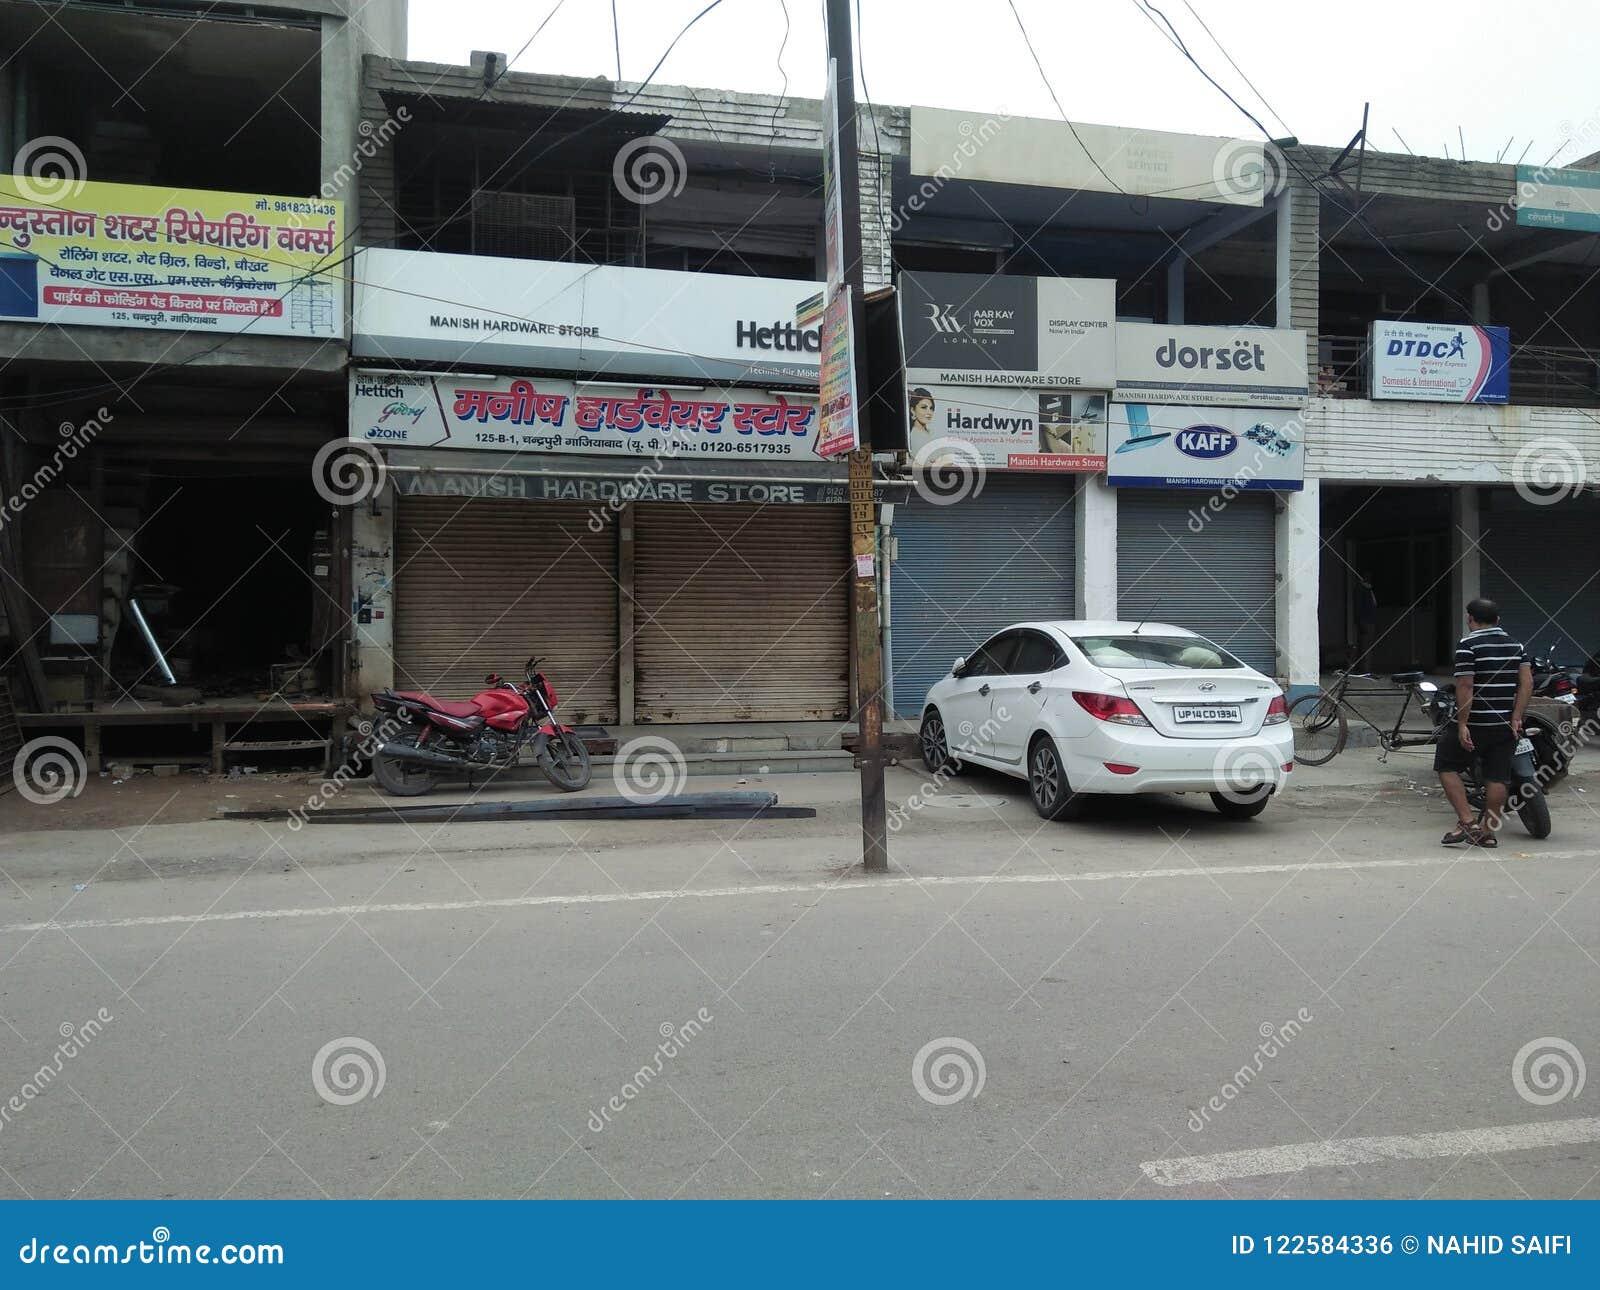 Магазин оборудования Manish